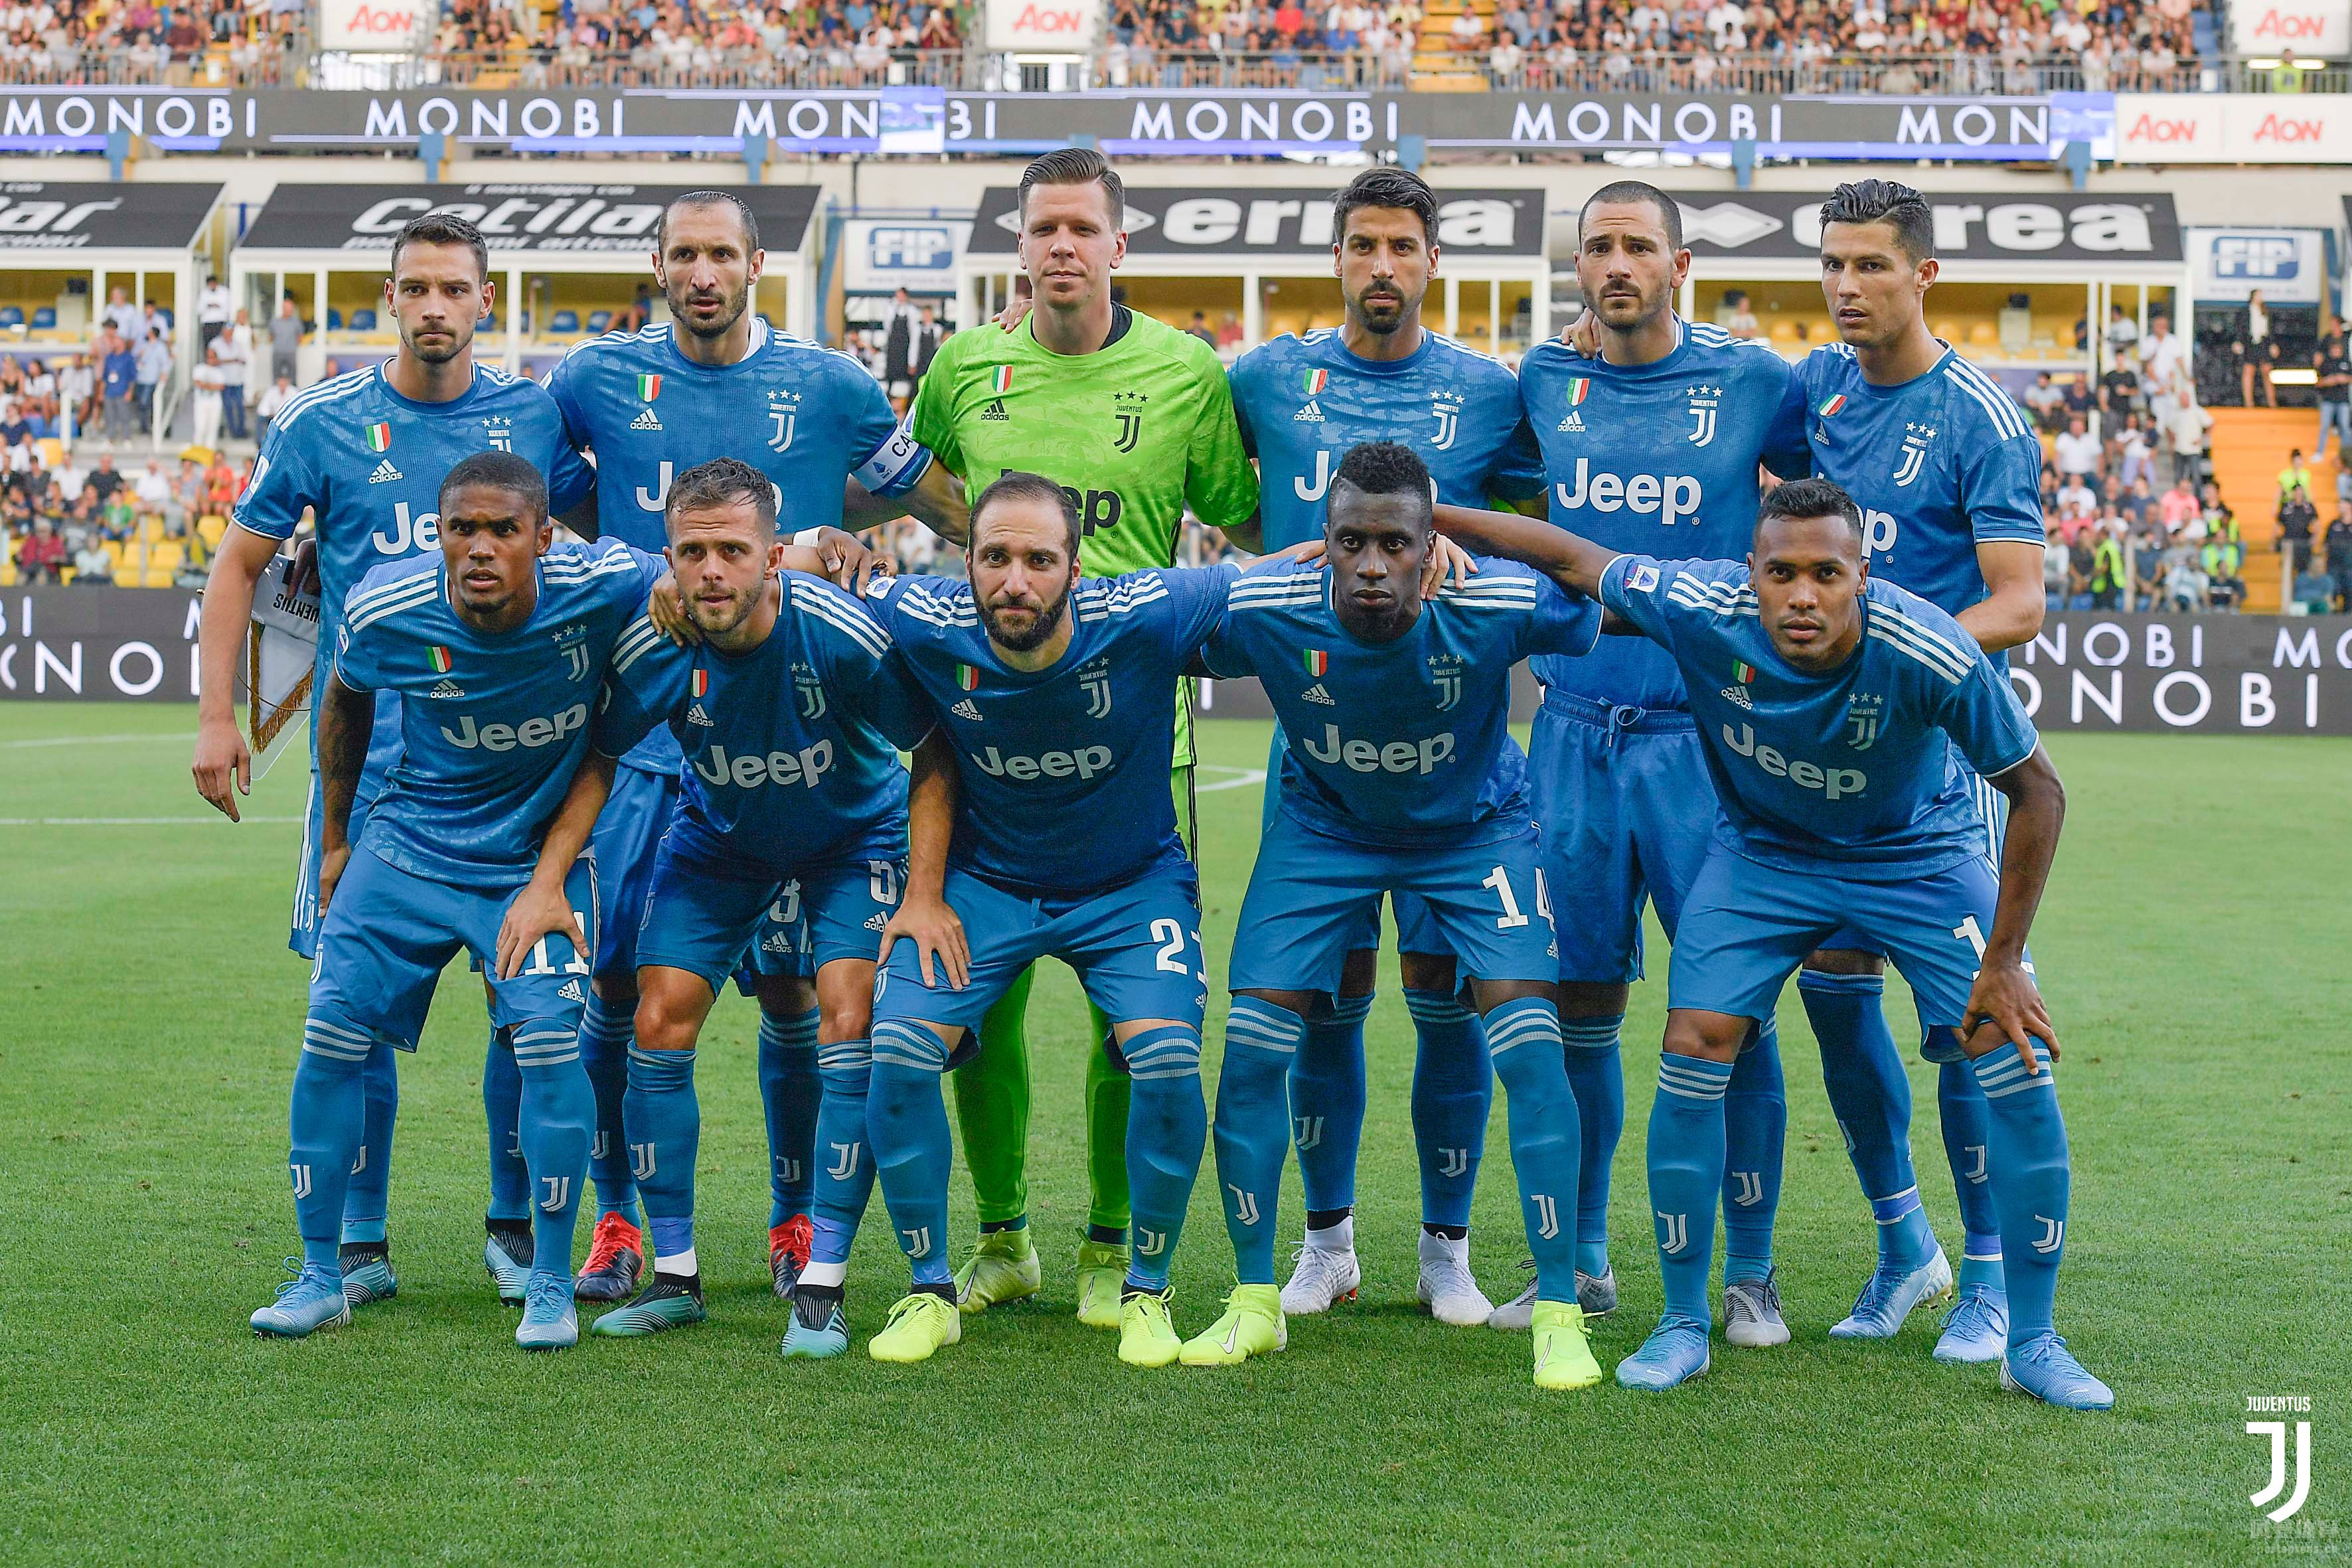 意甲第1轮 基耶利尼破门C罗进球被吹 尤文取得开门红